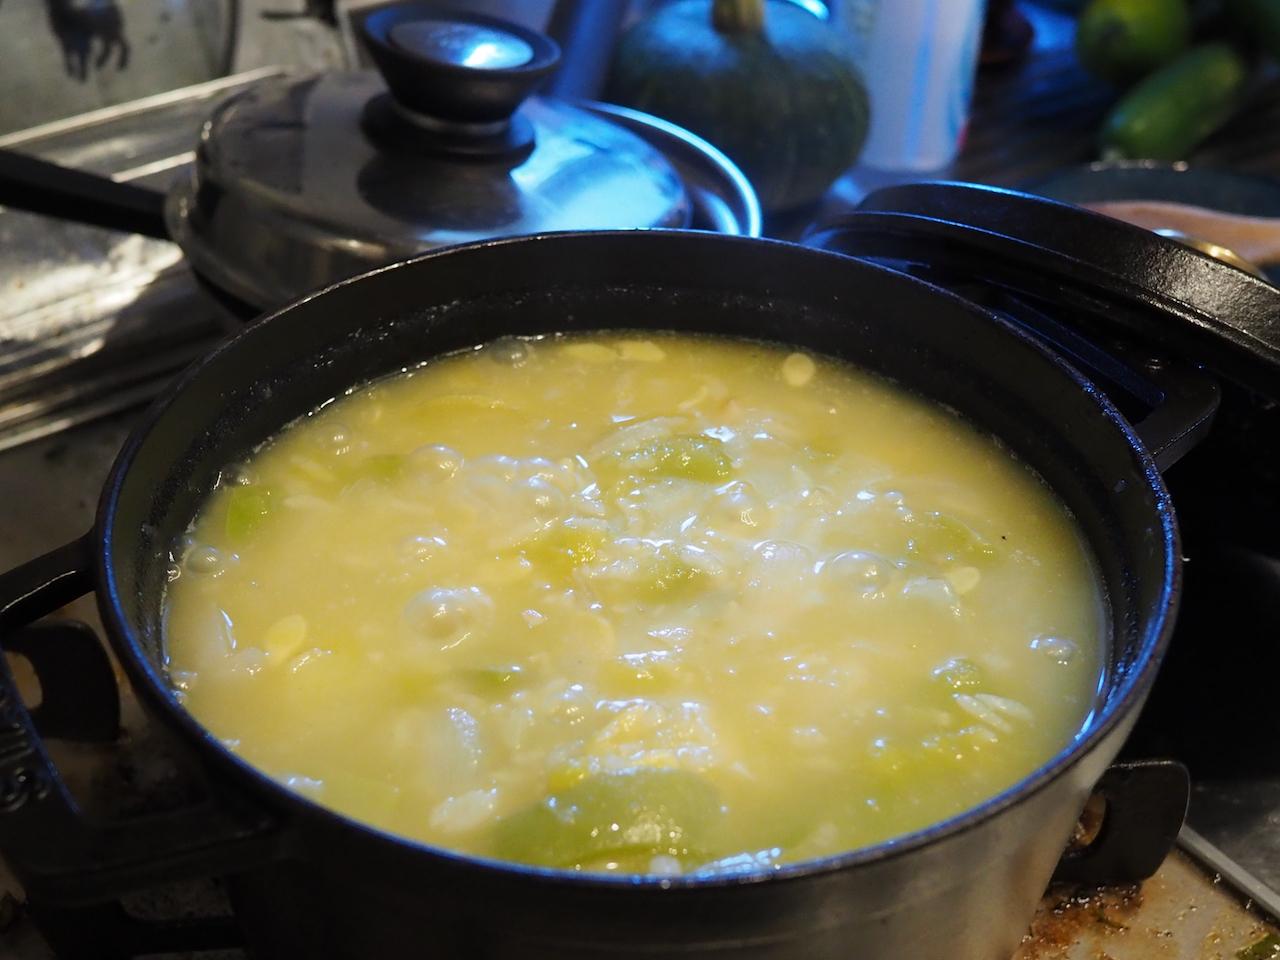 zucchini_2107-106.jpeg